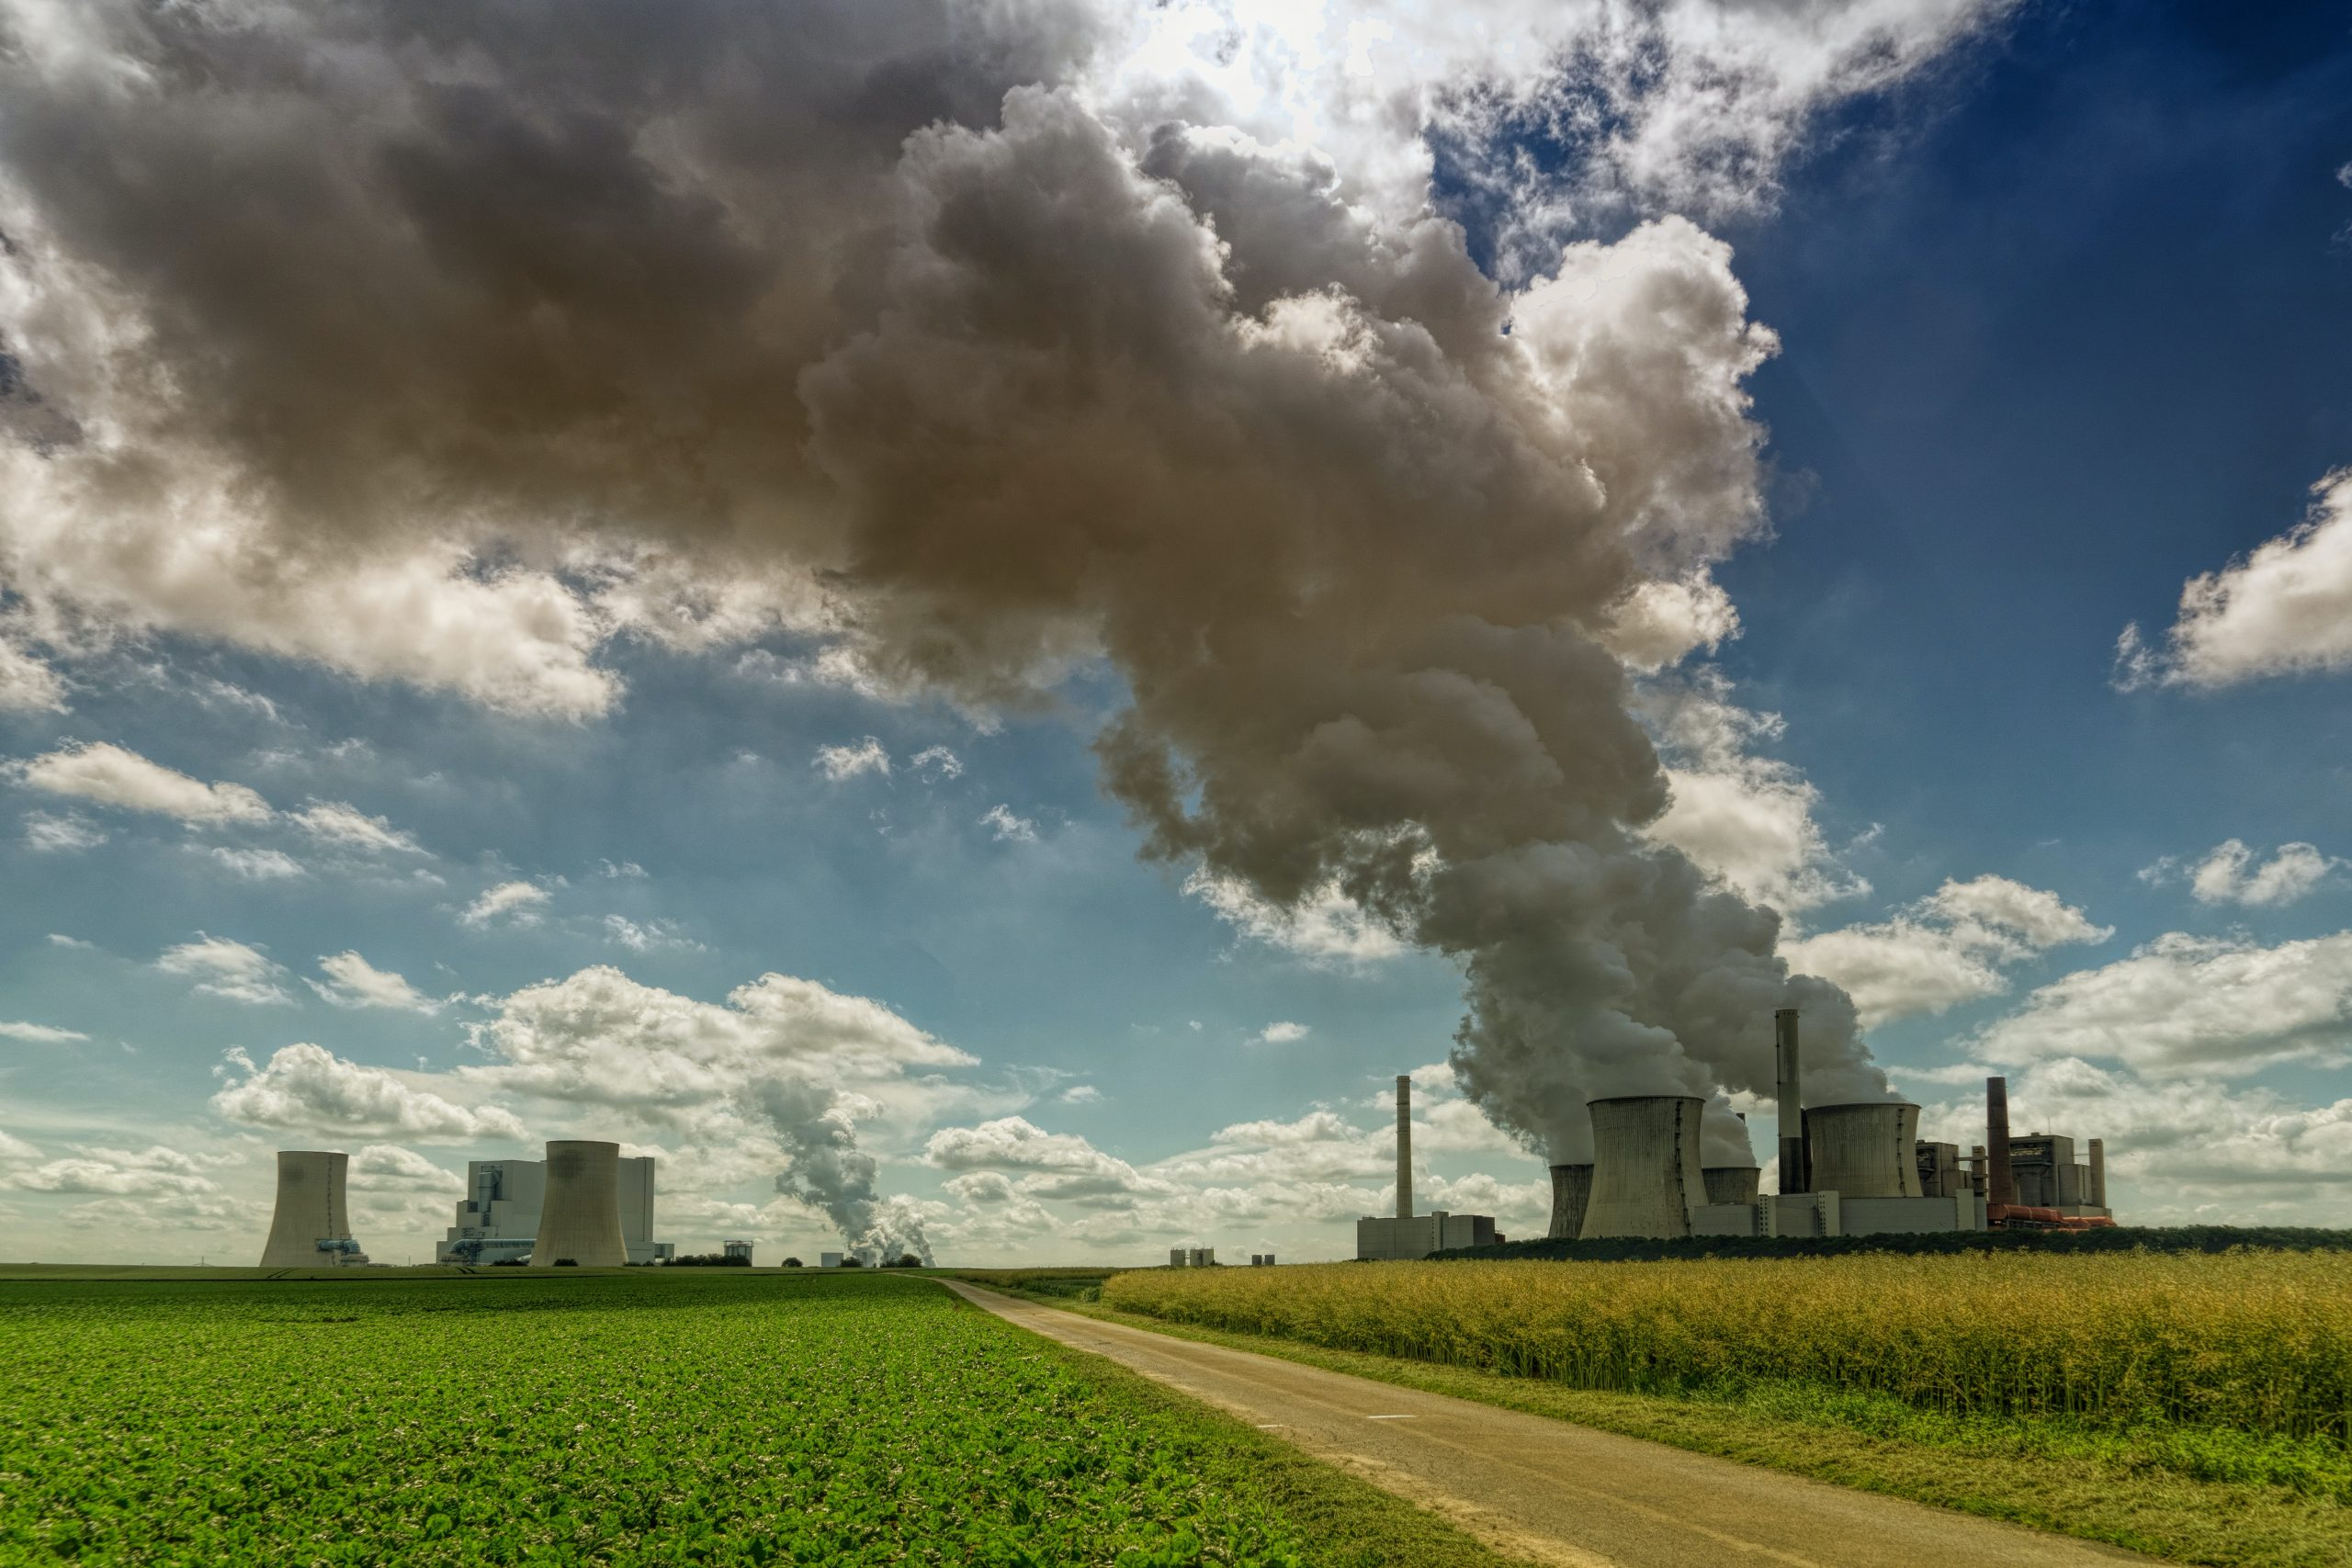 Quelles solutions pour lutter contre la pollution de l'air ?